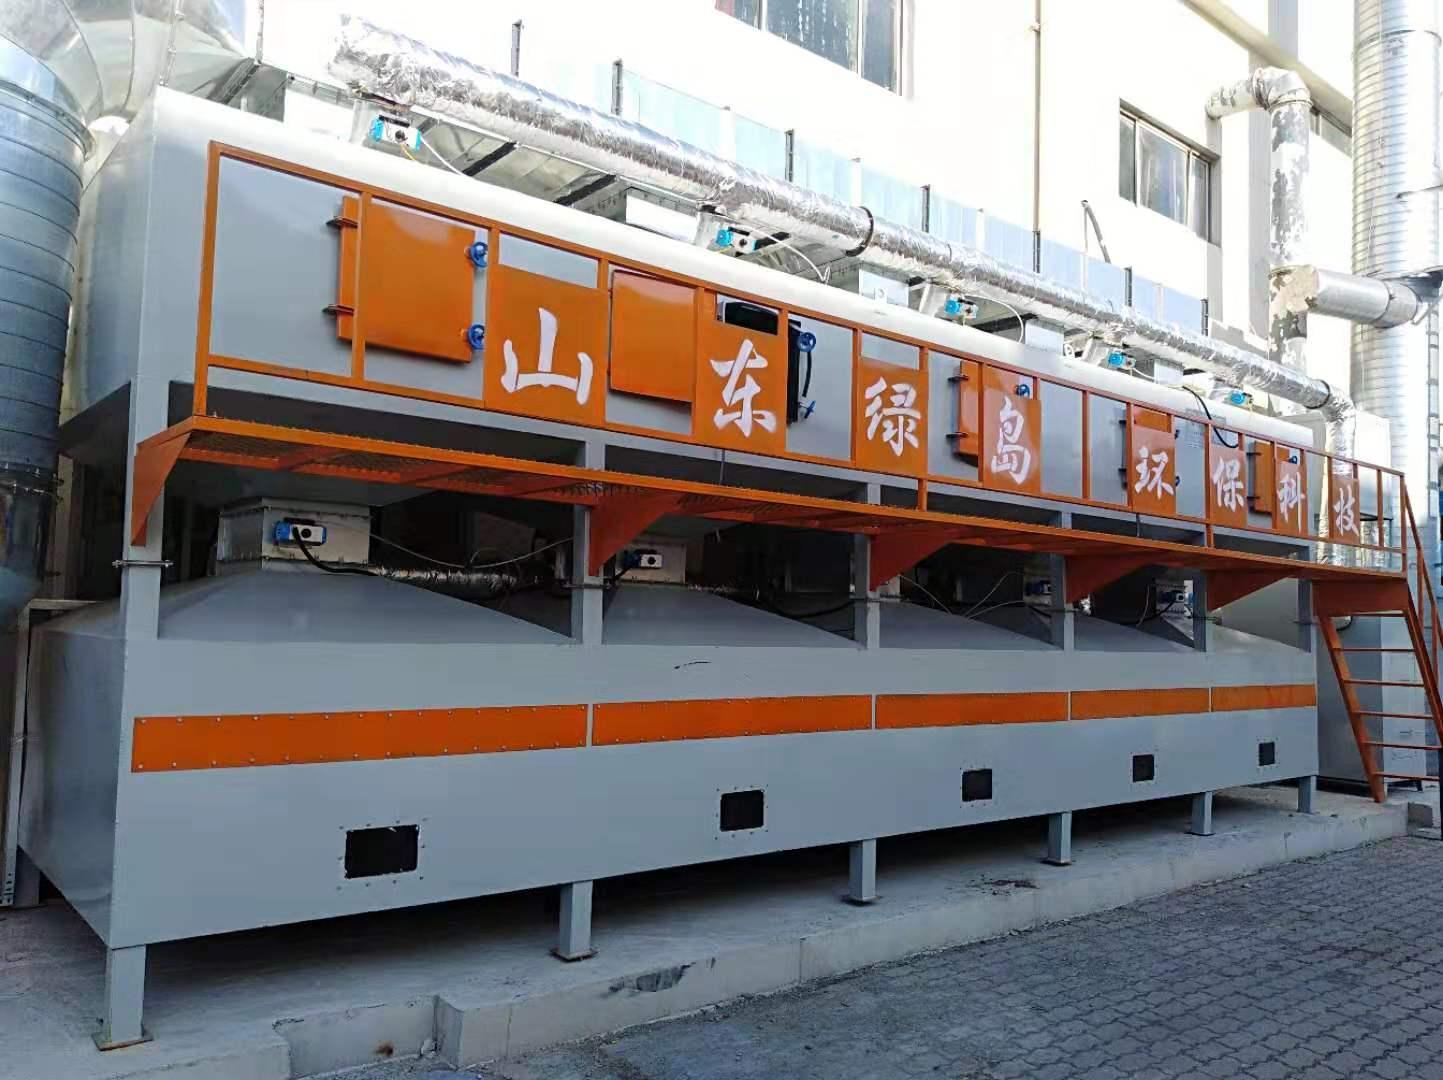 山东绿岛 环保设备 VOC催化燃烧环保设备厂 价格合理